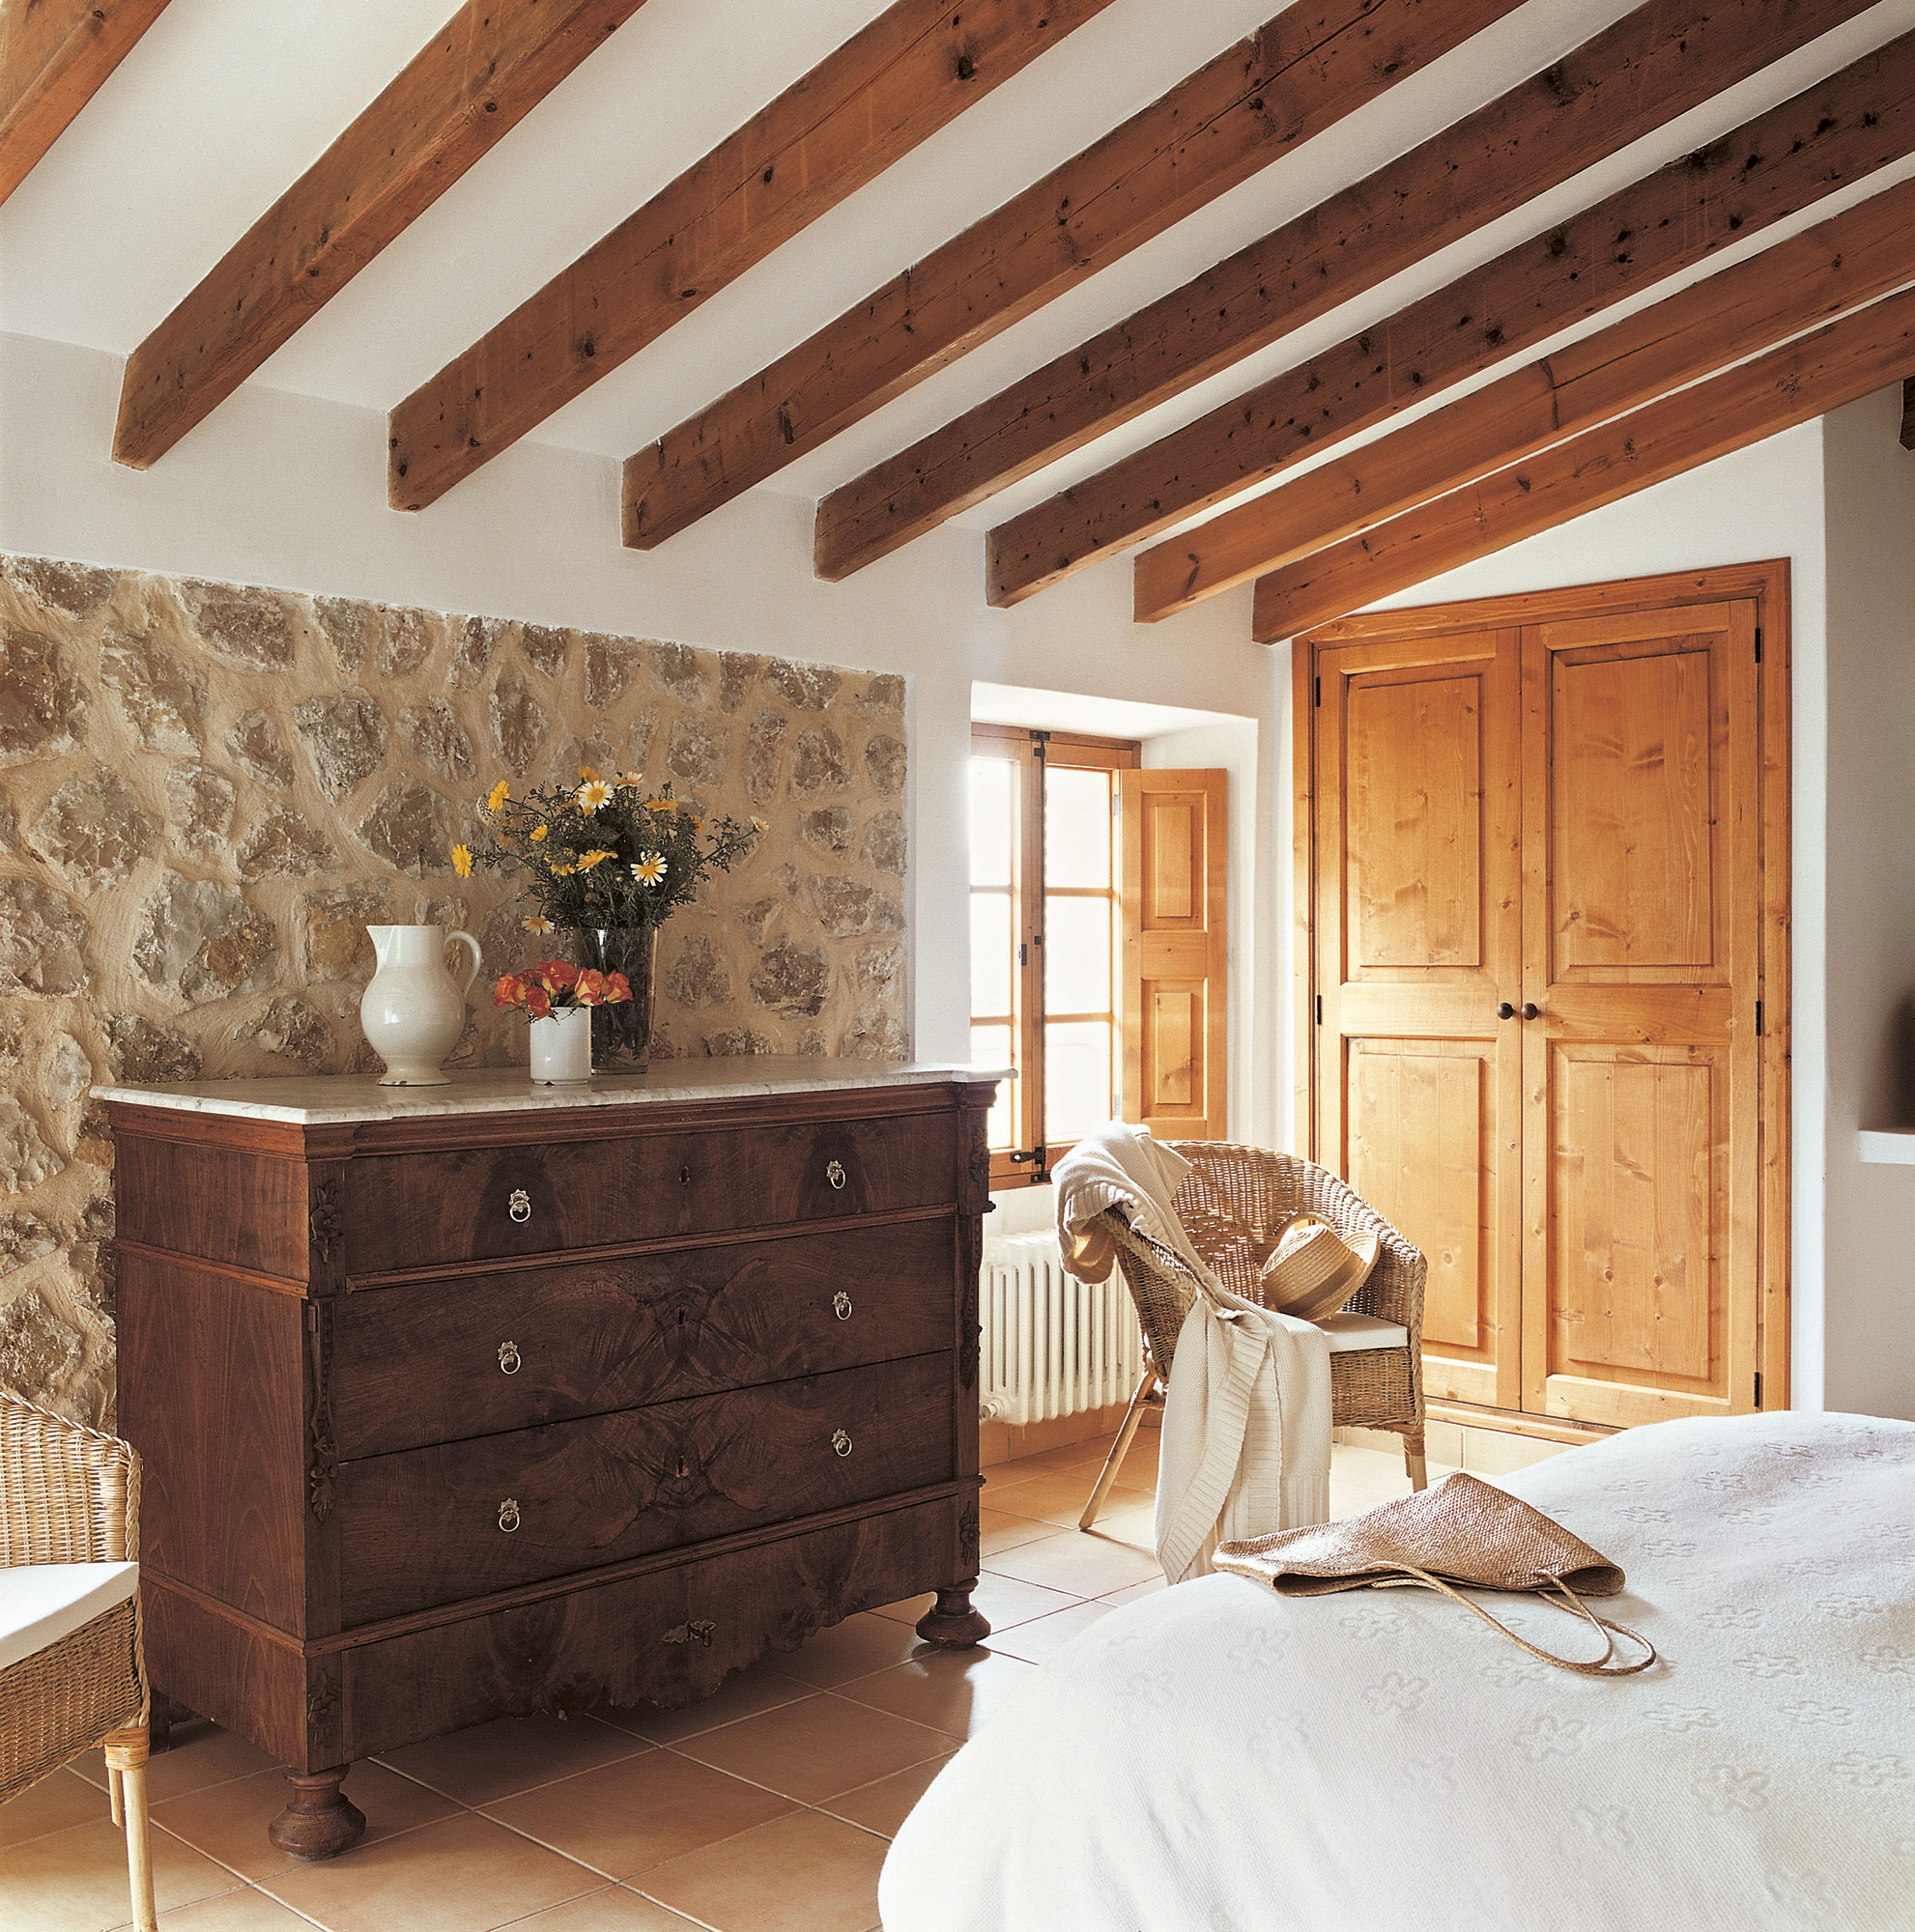 comoda-en-dormitorio-rustico-con-pared-de-piedra-y-vigas-vistas_4e8cf37b